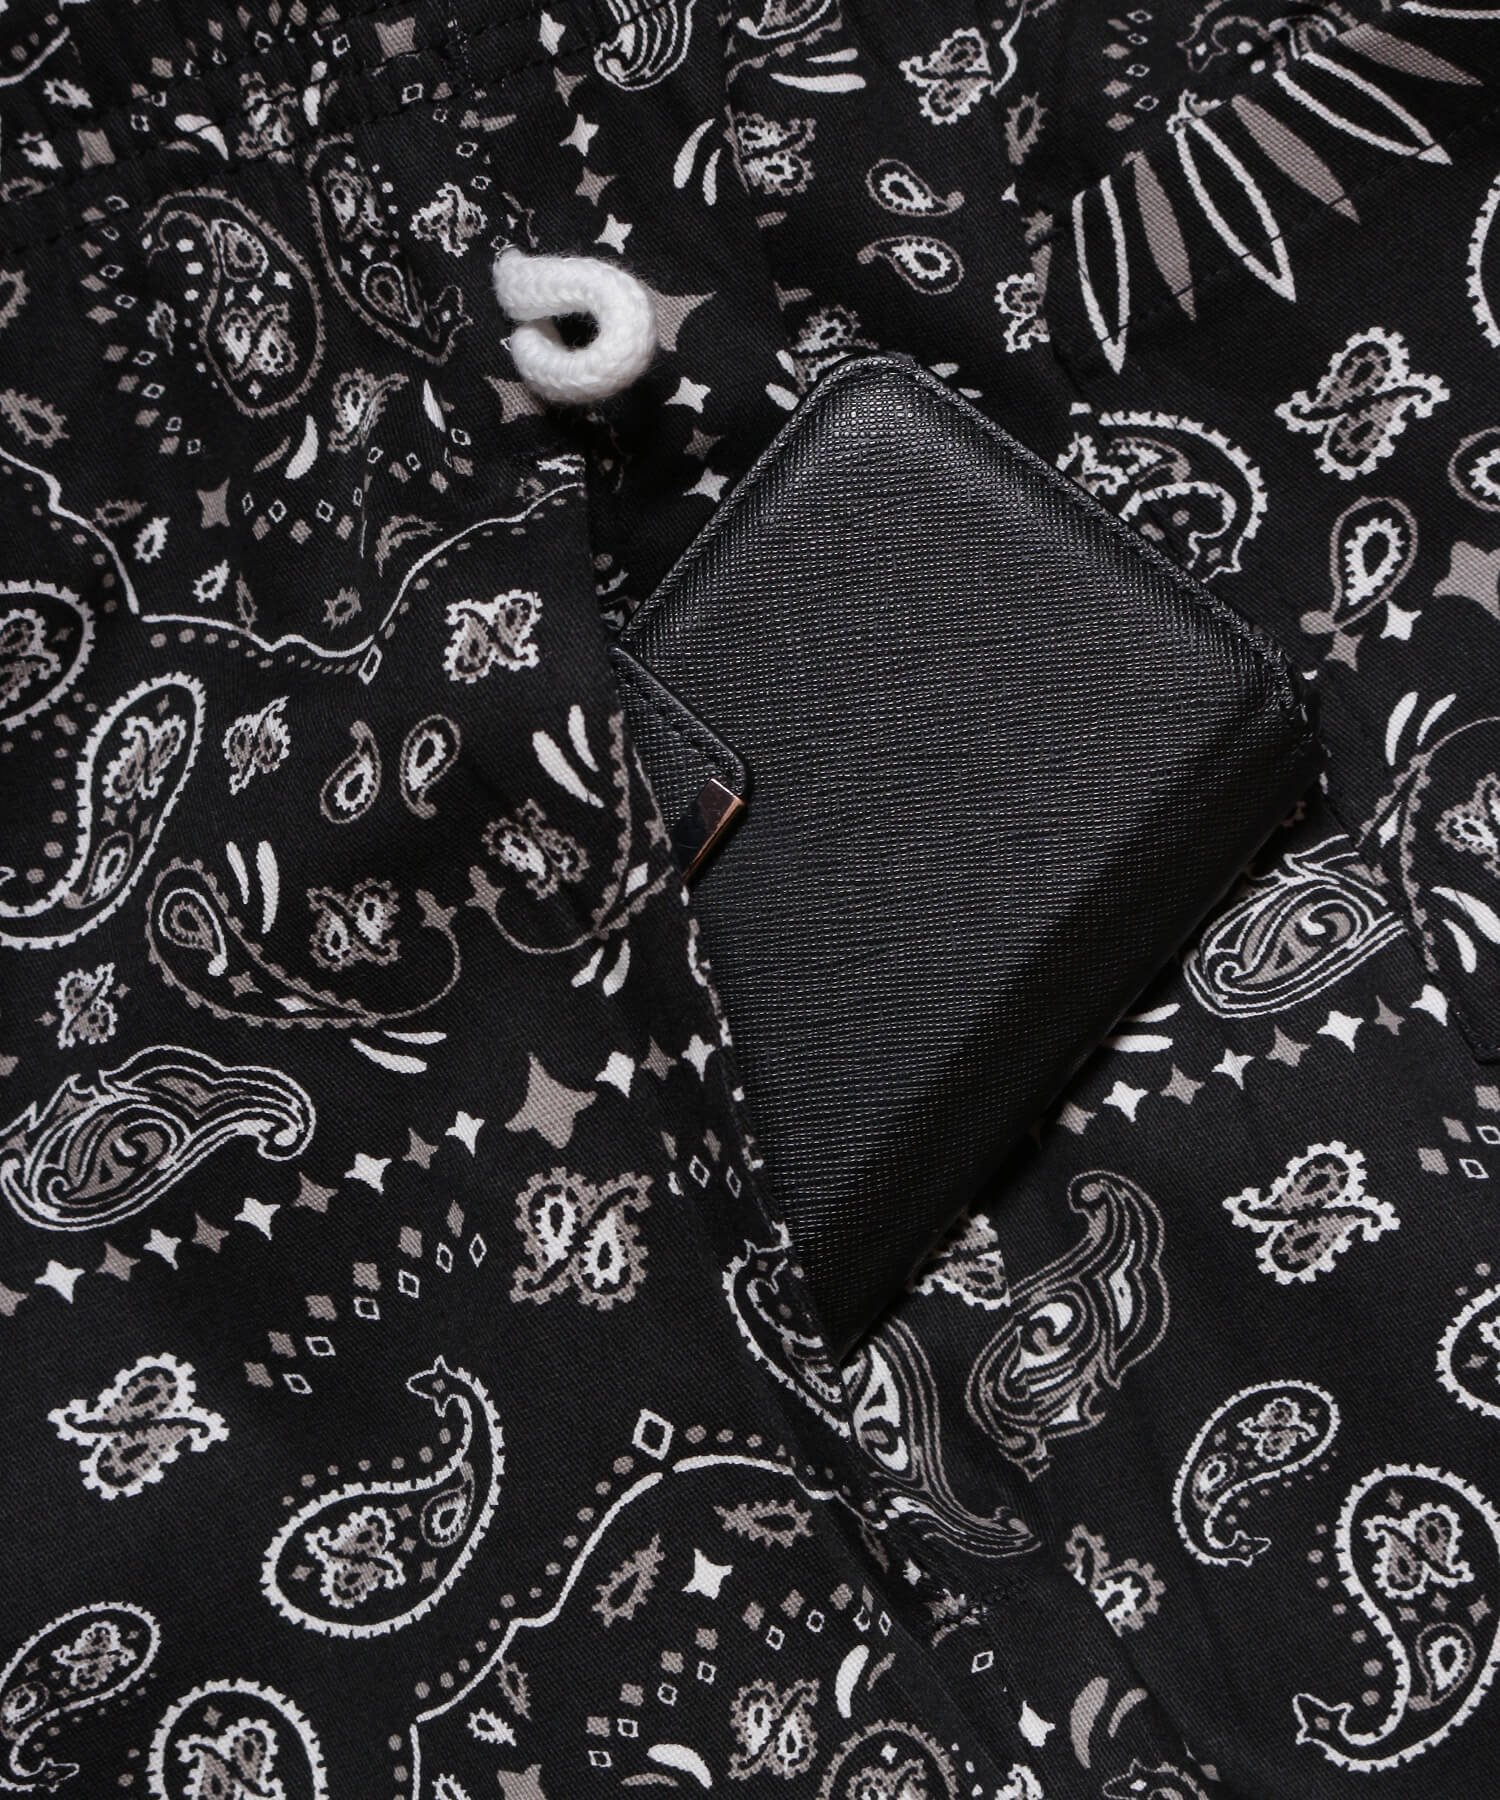 COOKMAN / クックマン   WAITER'S PANTS (PAISLEY BLACK):ウェイターズパンツ 商品画像4